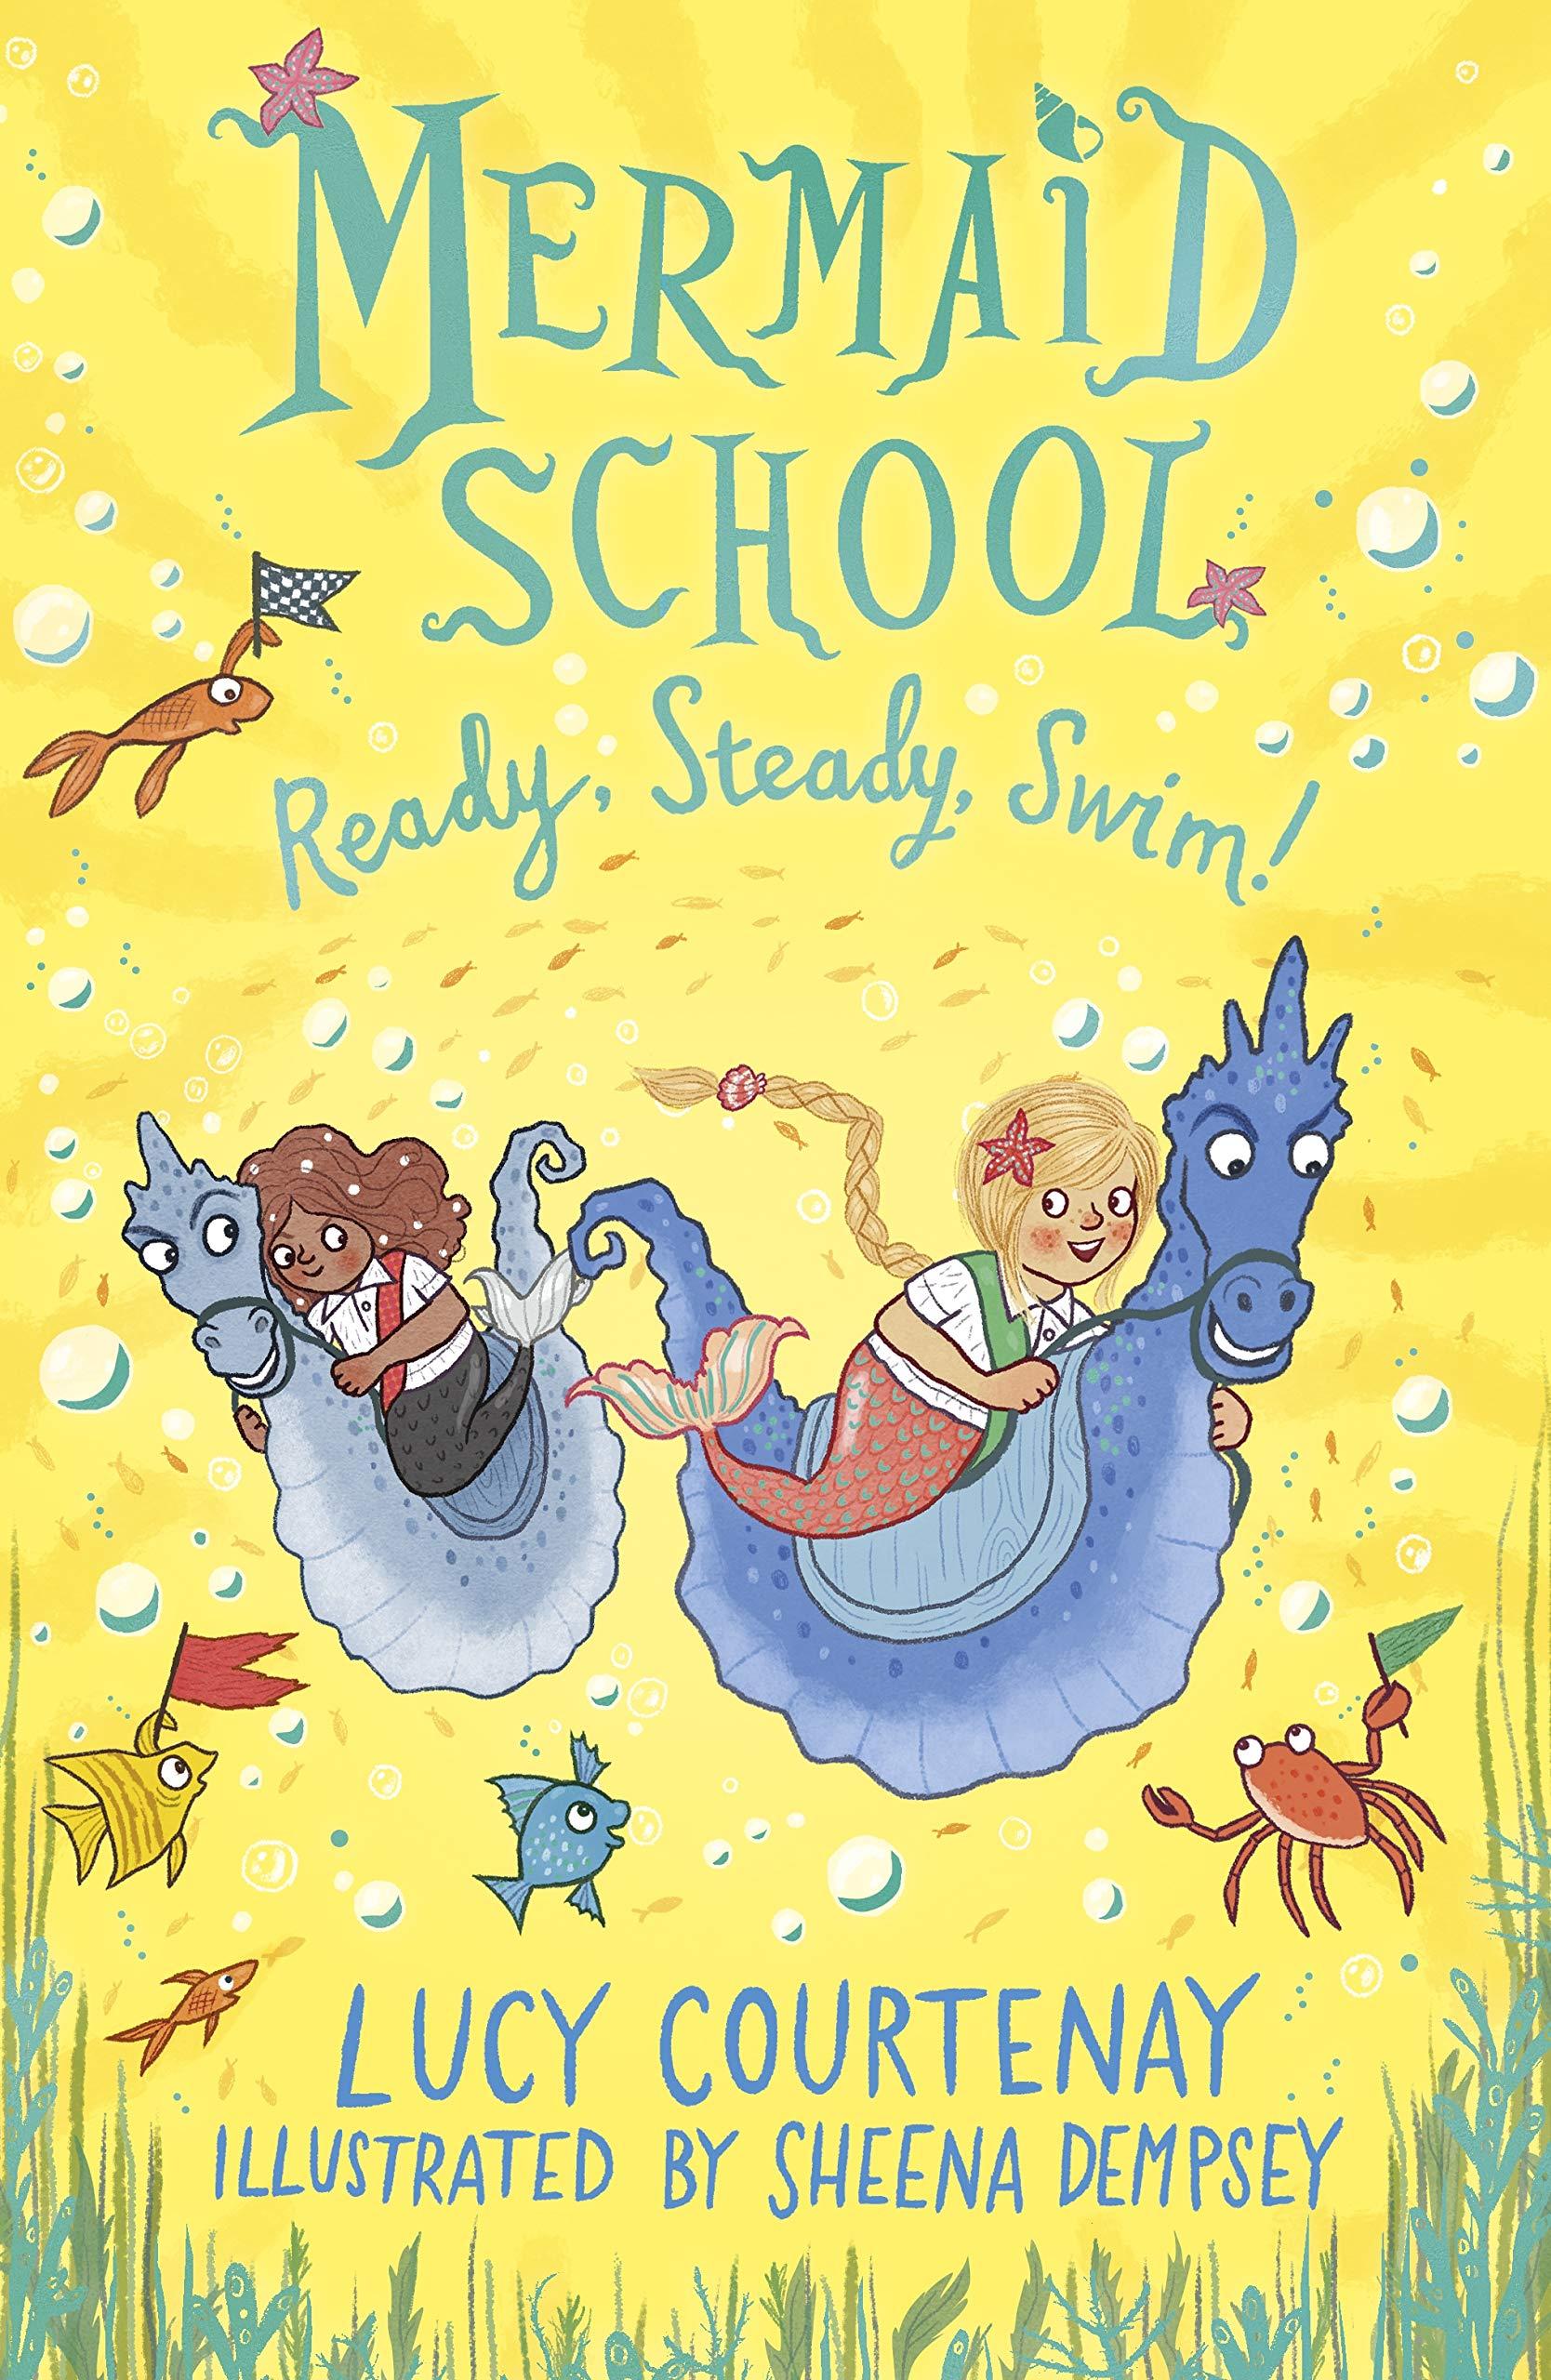 Mermaid School Ready Steady Swim